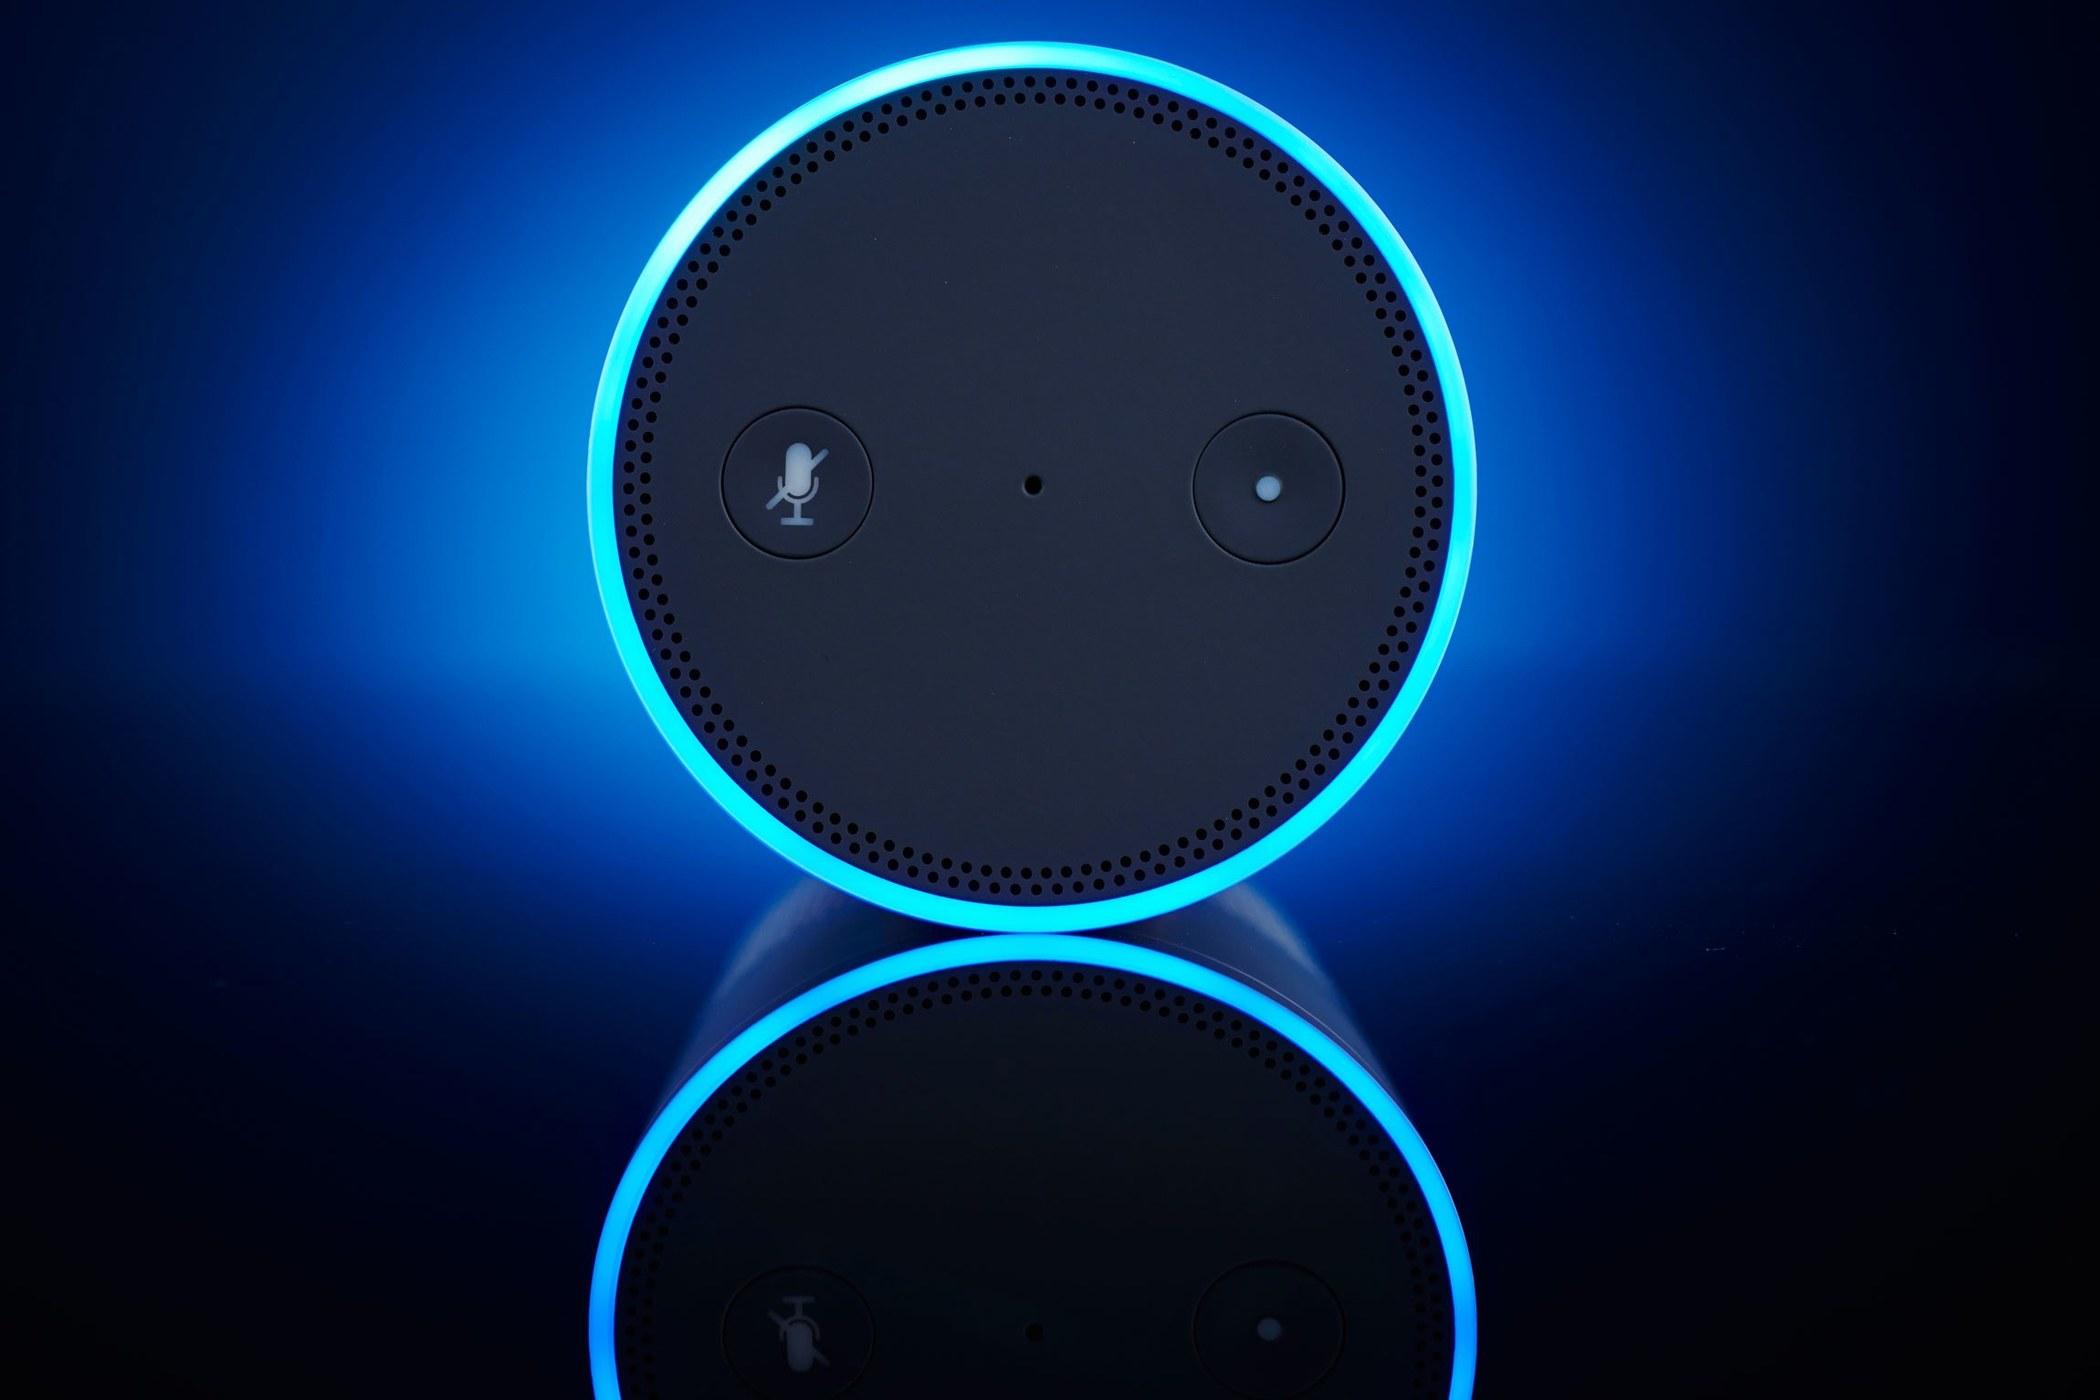 通过将激光调至精确频率并对准智能语音设备可激活并进行交互